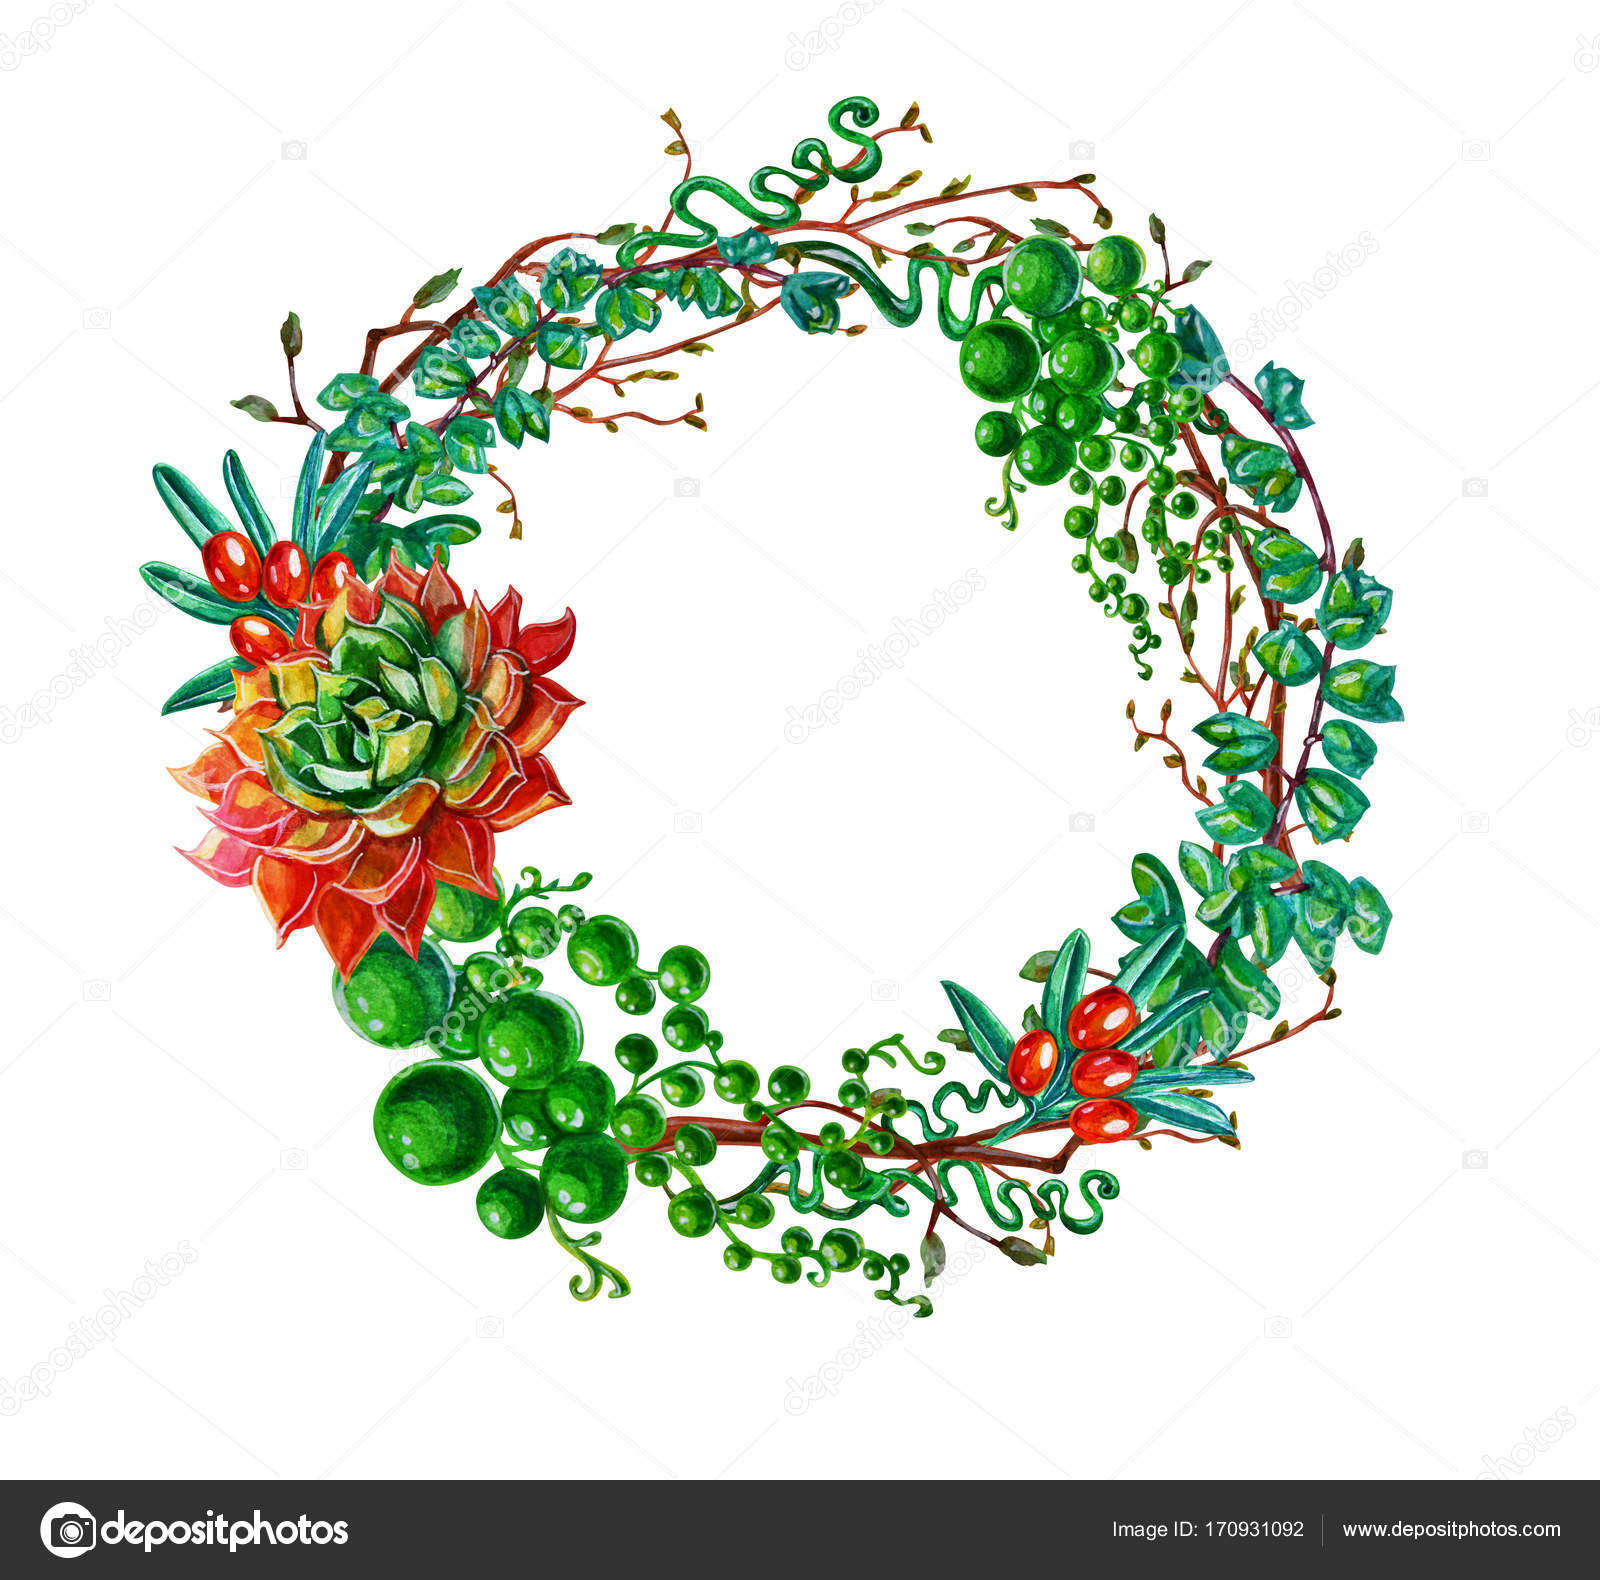 Sukkulente Pflanze Und Zweig Rahmen Im Aquarell Stil. Ideal Für Hochzeit,  Zitat, Muster, Grußkarte, Logo, Einladungen, Schriftzug U2014 Foto Von Mimzya